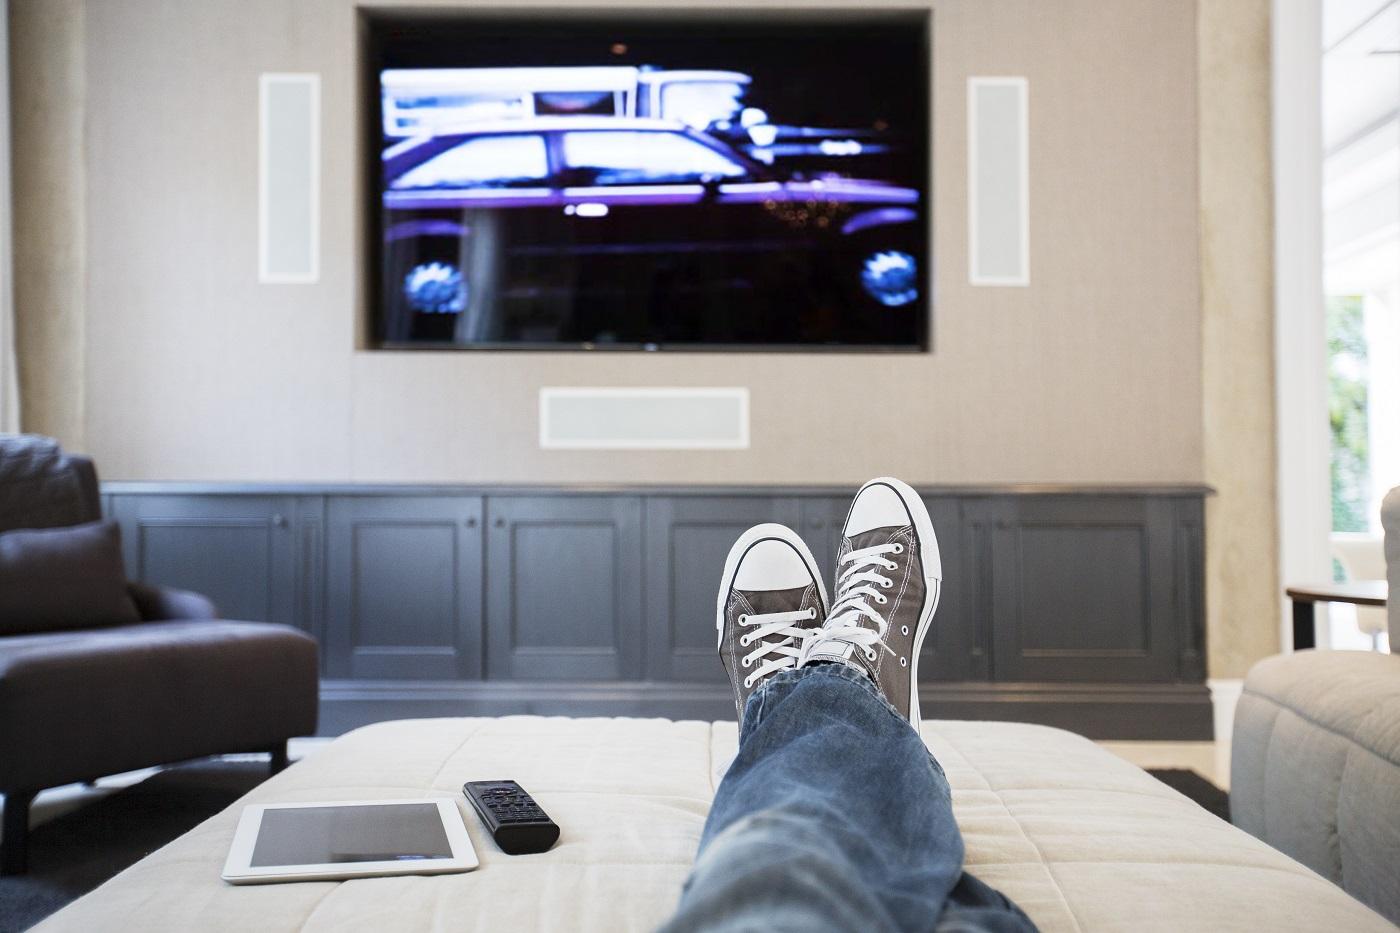 امنیت تلویزیون های هوشمند در چه حد است؟